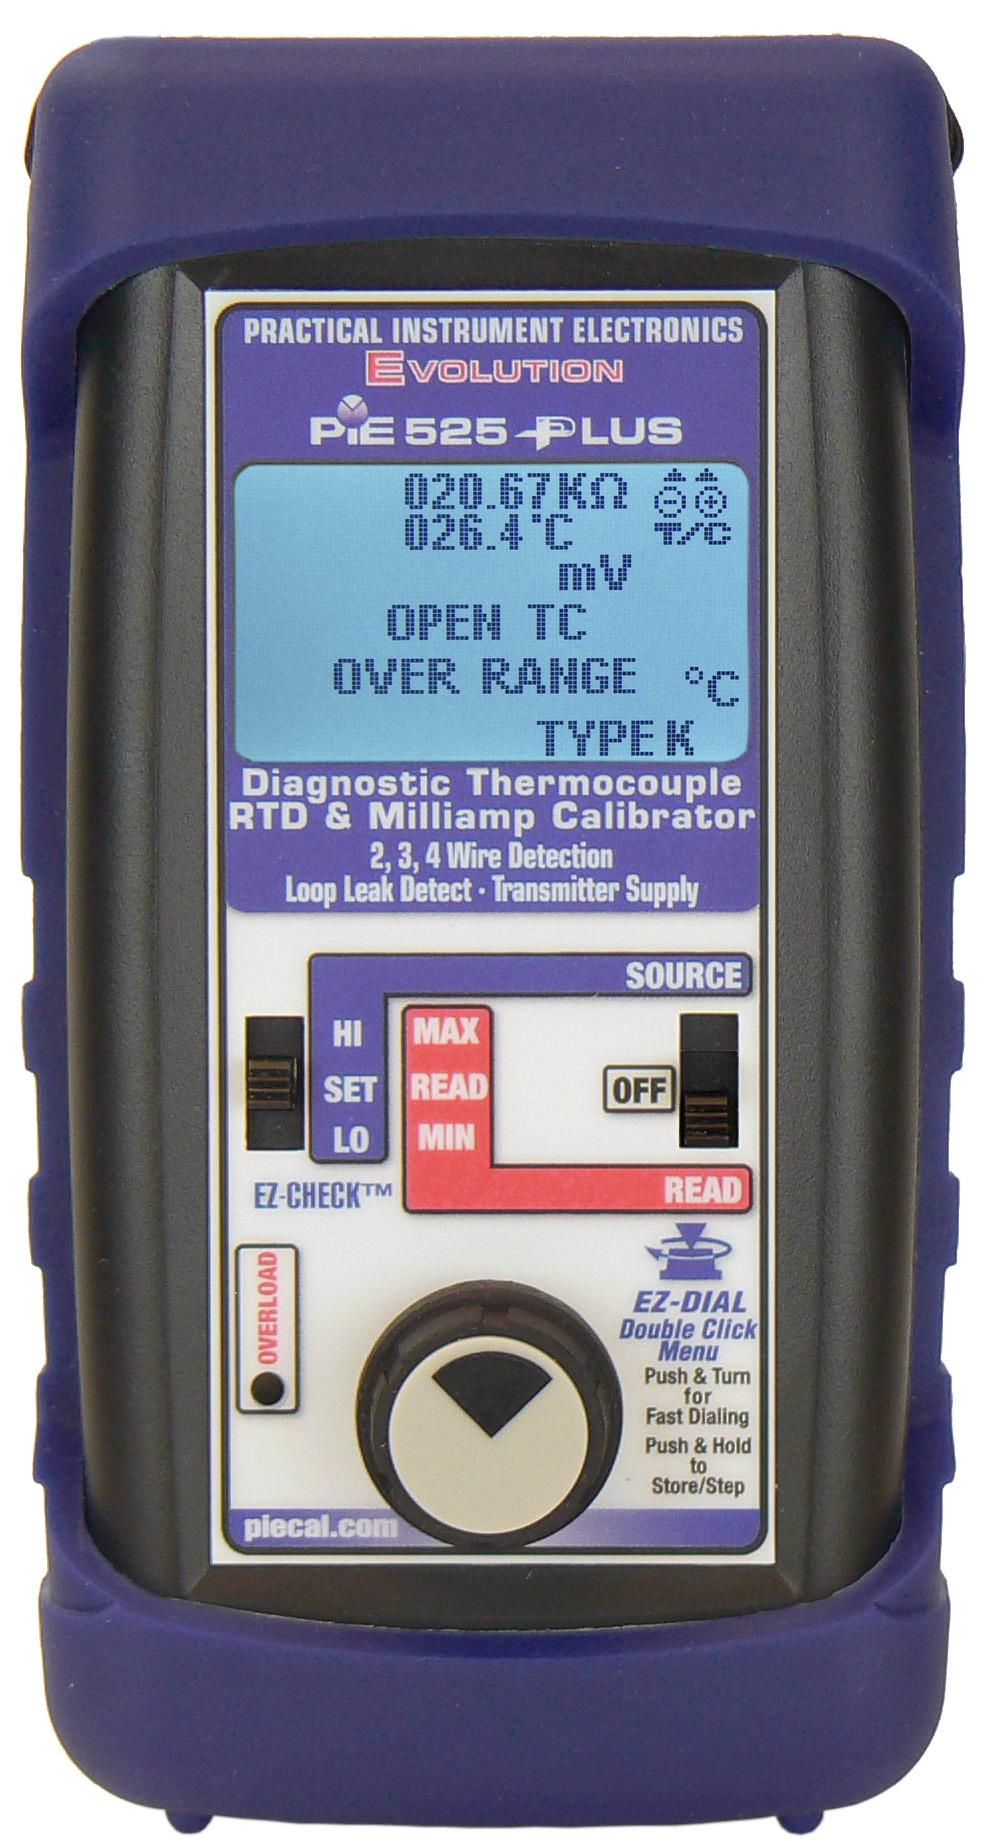 525Plus-Read-TC-OPEN-20K-Ohms.jpg